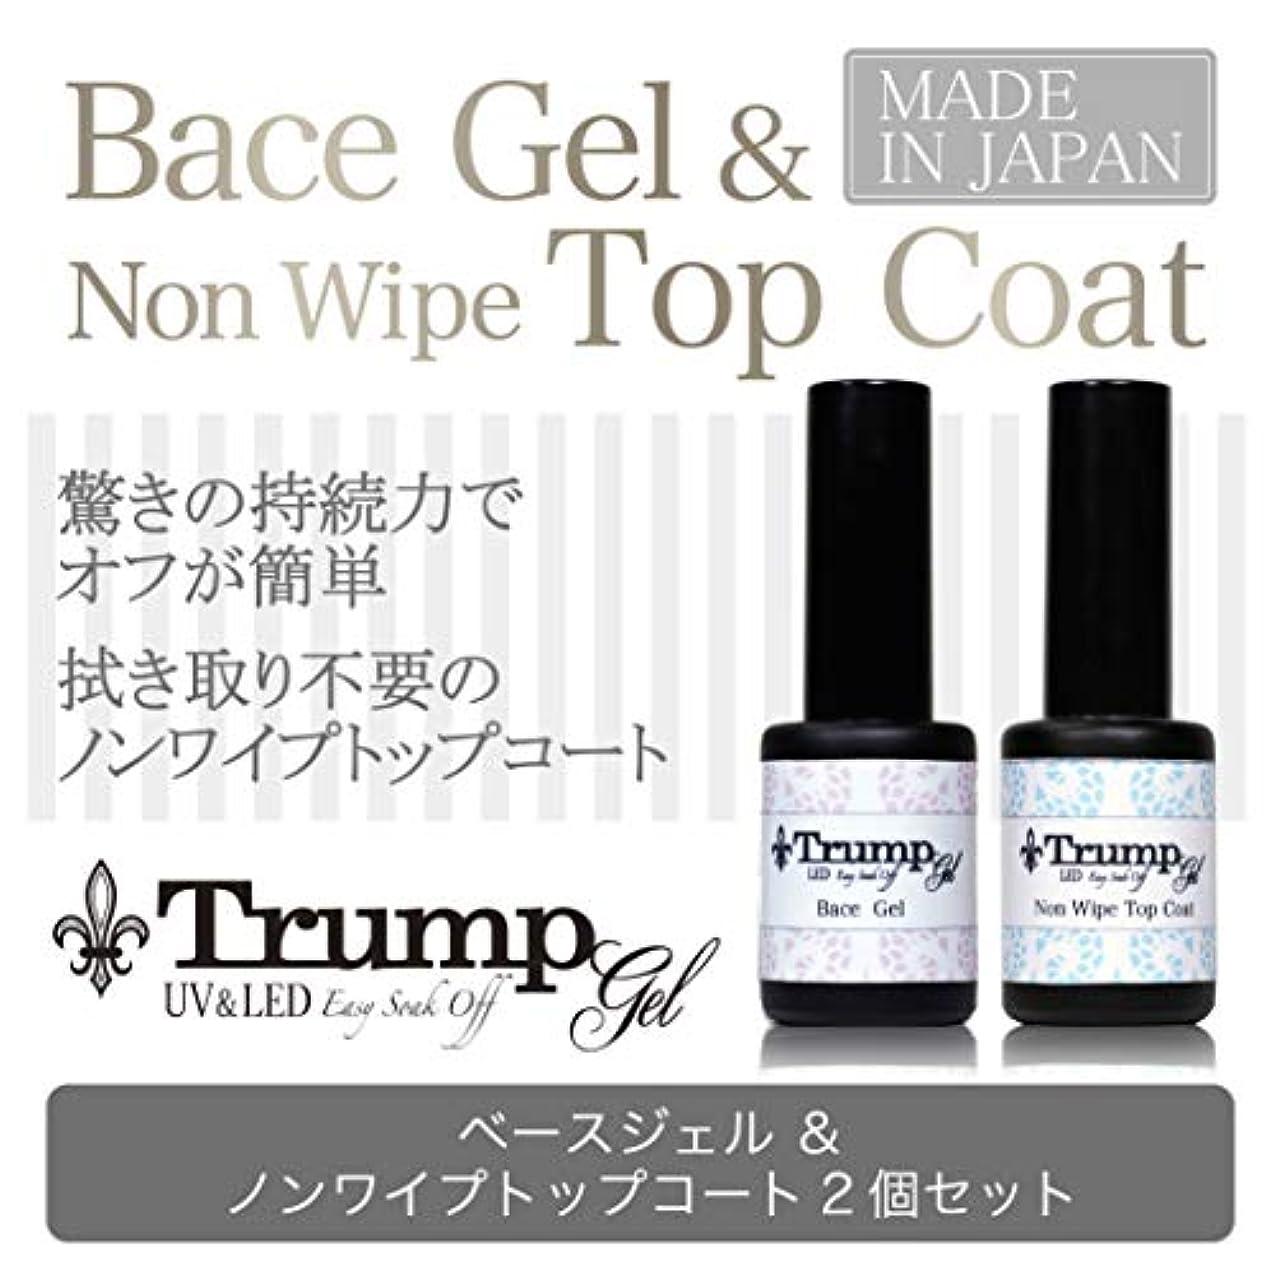 割り当てる賞教えて【日本製】Trump Gel ジェルネイルUV LED ベースジェル & ノンワイプトップコート 大容量10g×2本セット